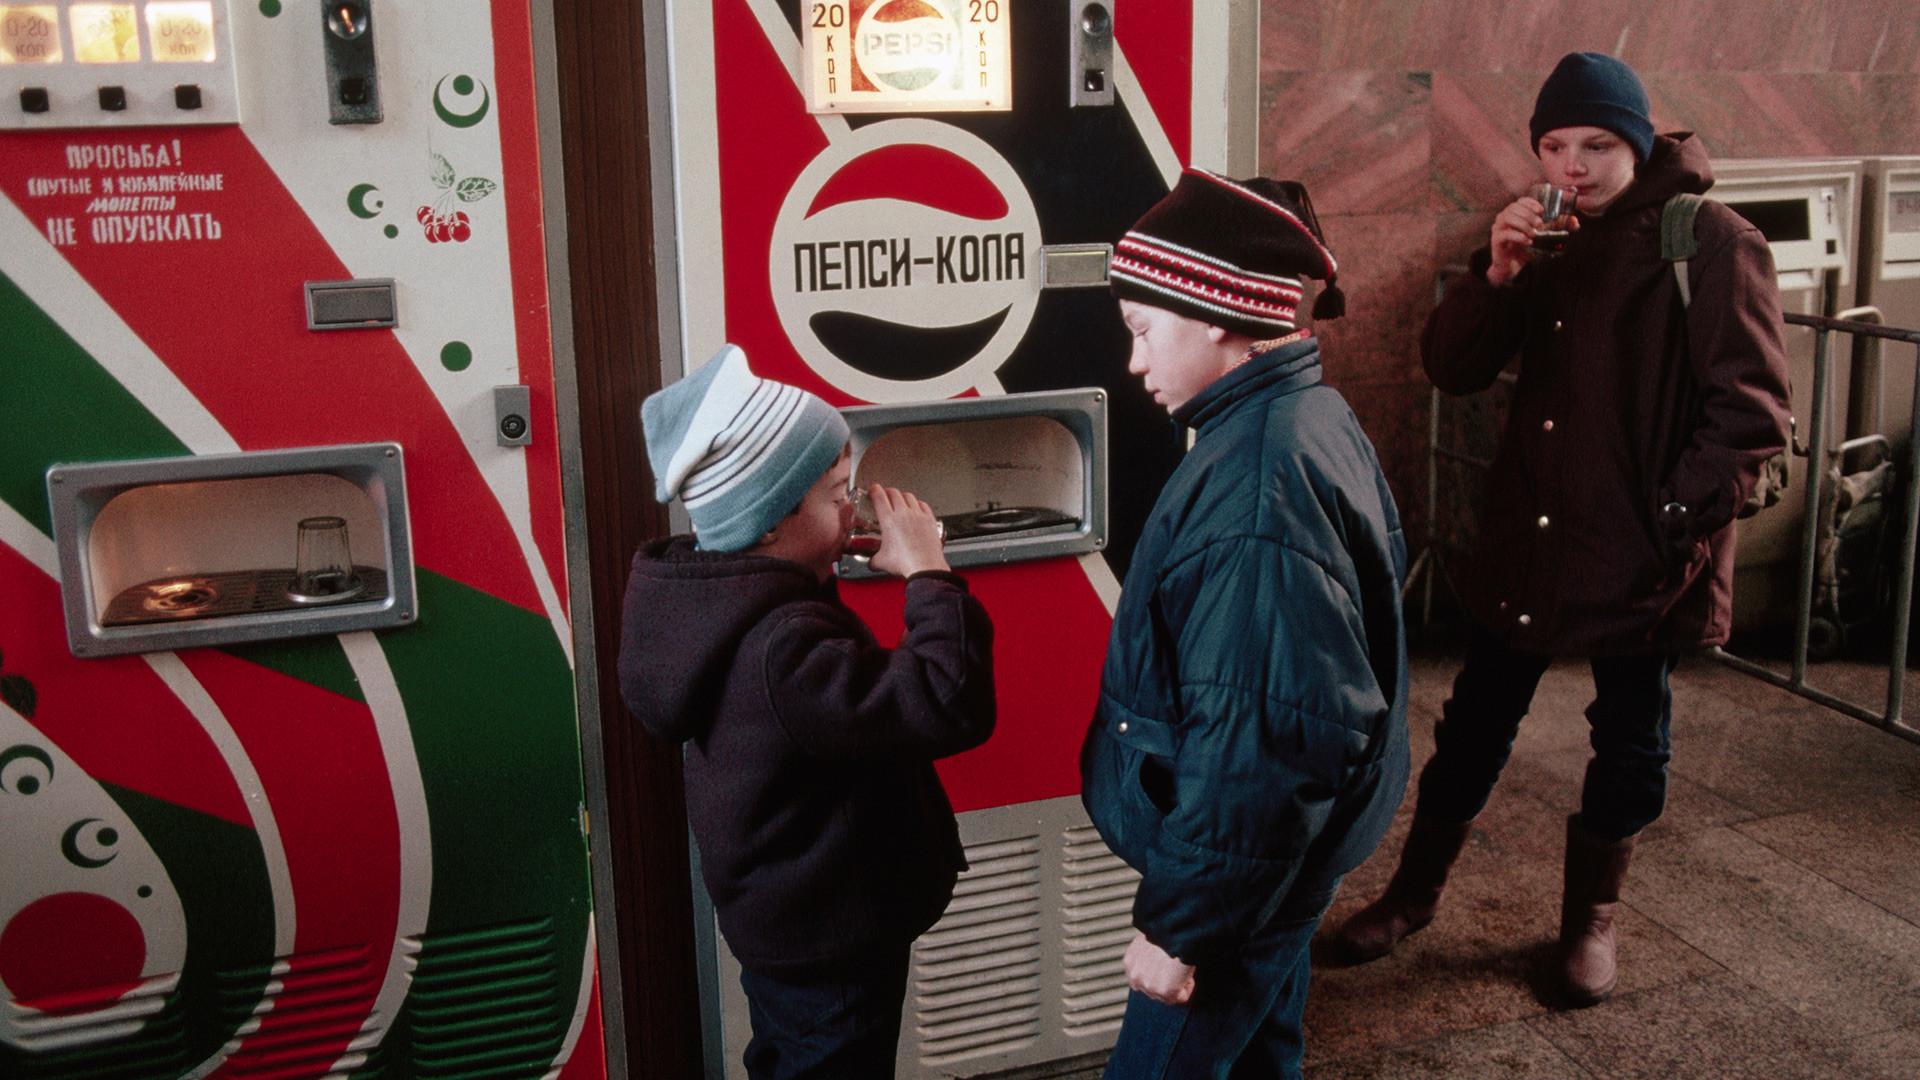 Des enfants russes buvant du Pepsi.